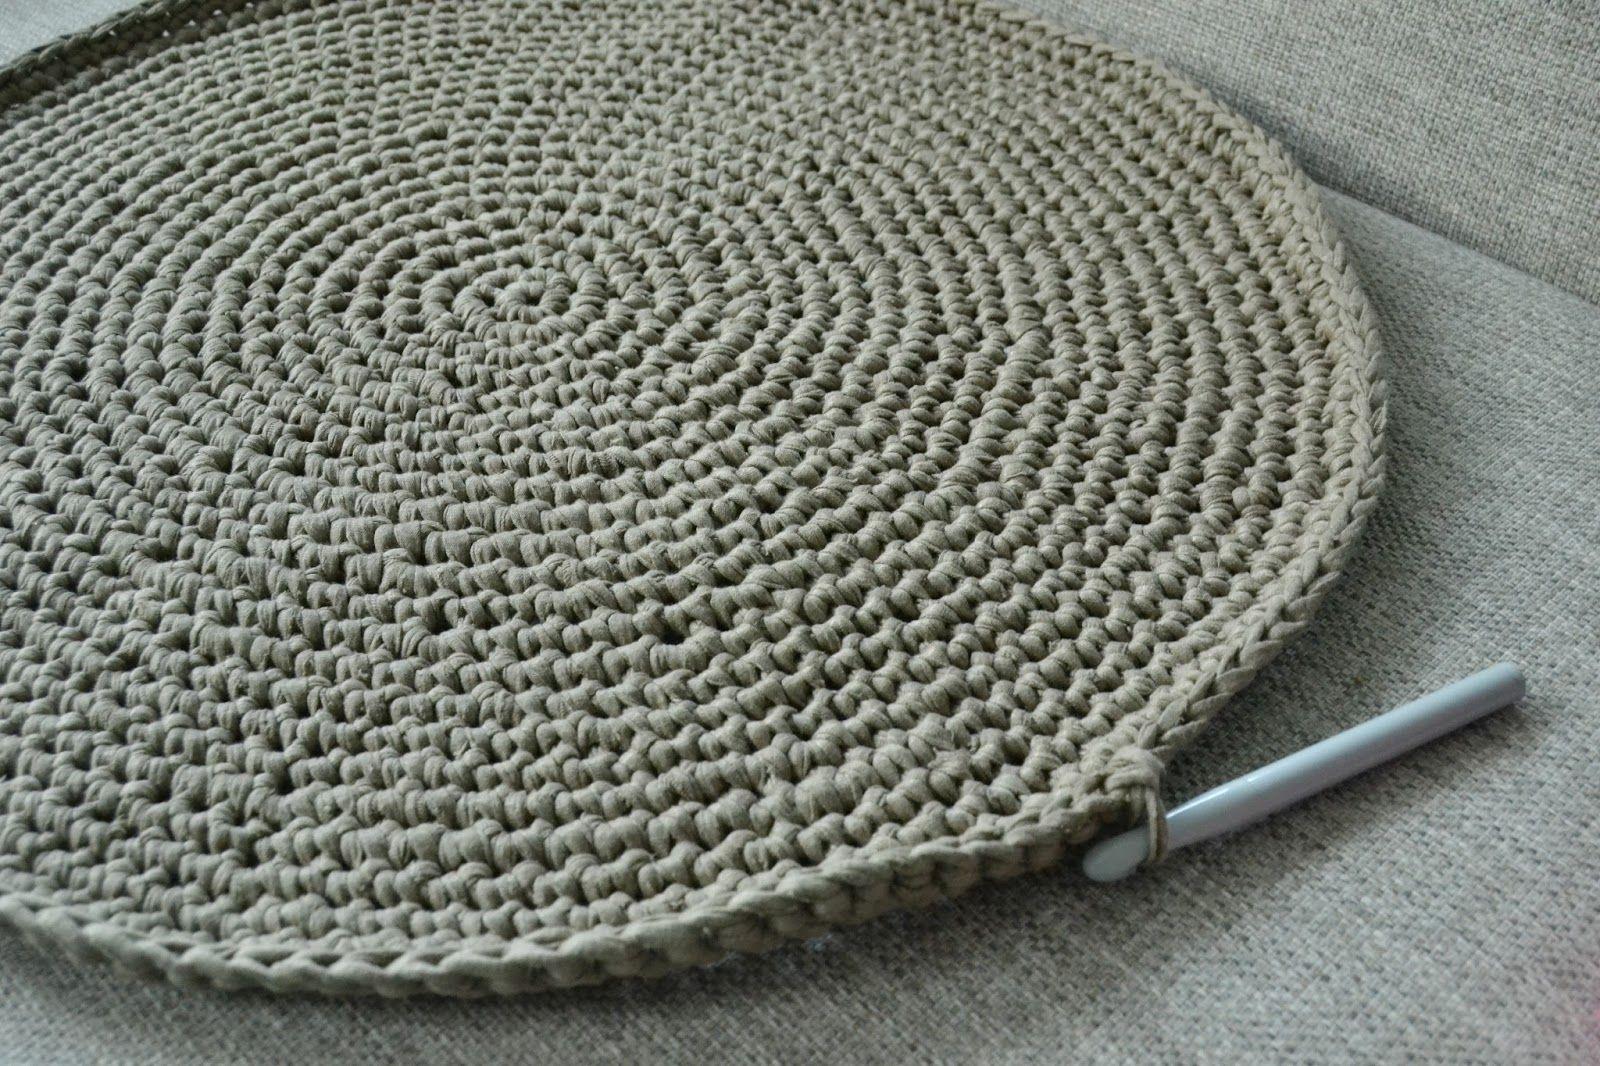 Vloerkleed Haken Google Zoeken Haken Pinterest Crochet